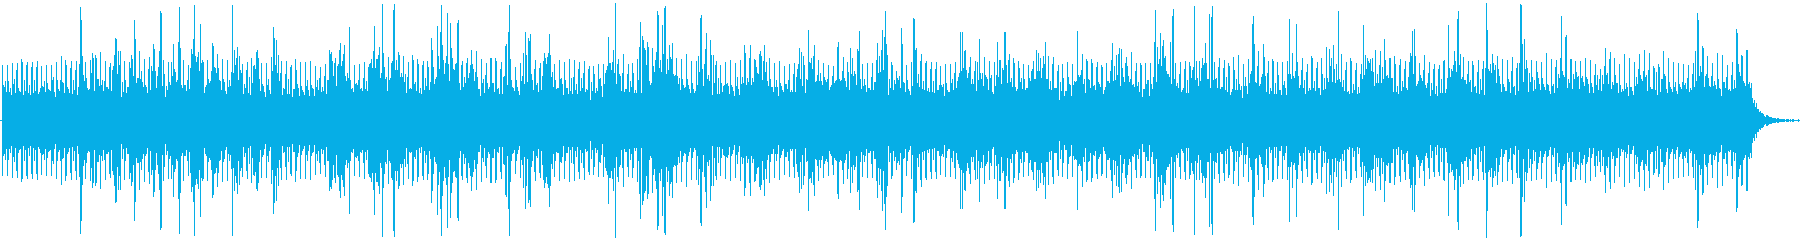 エレクトロハウス。声のサンプルを逆...の再生済みの波形